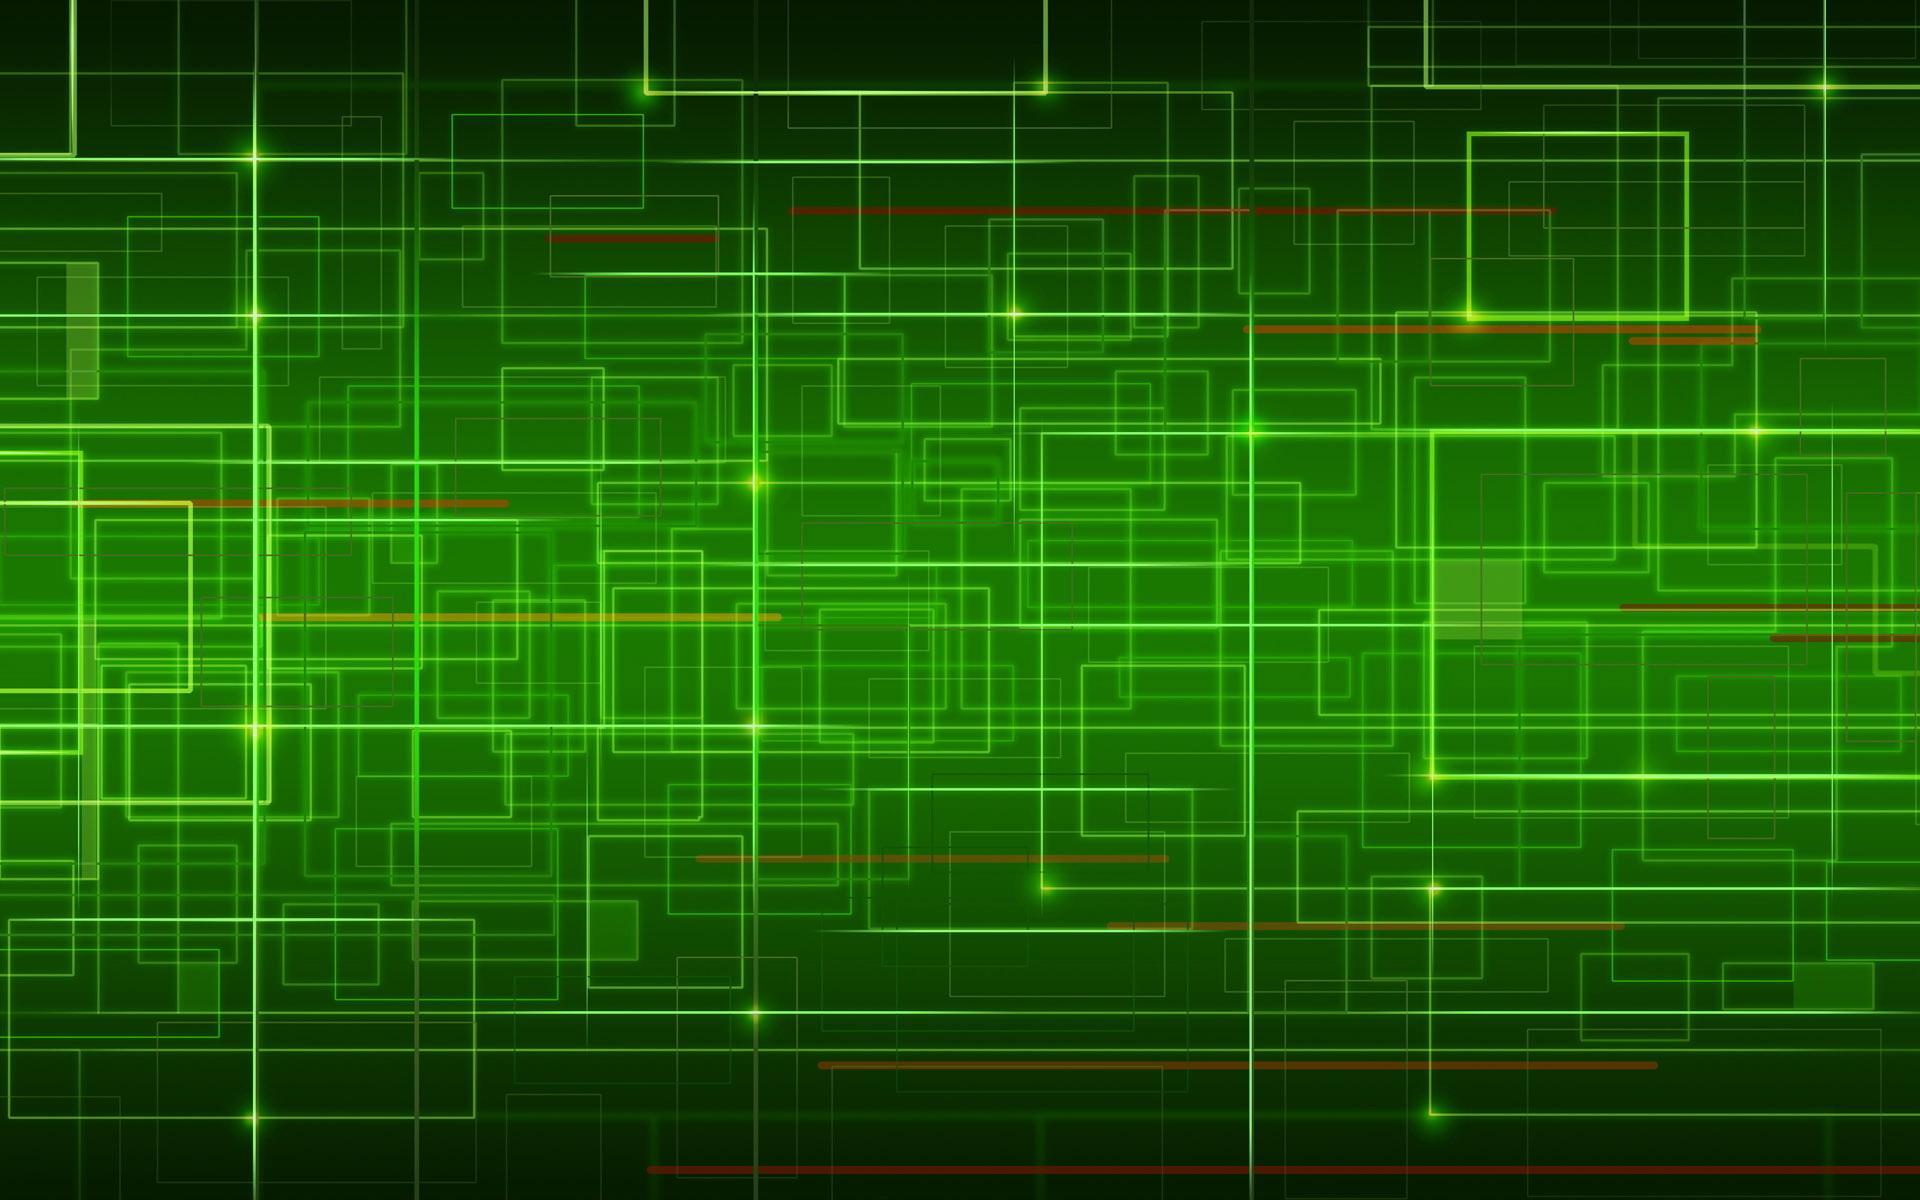 Абстракция зеленый фон линии обои